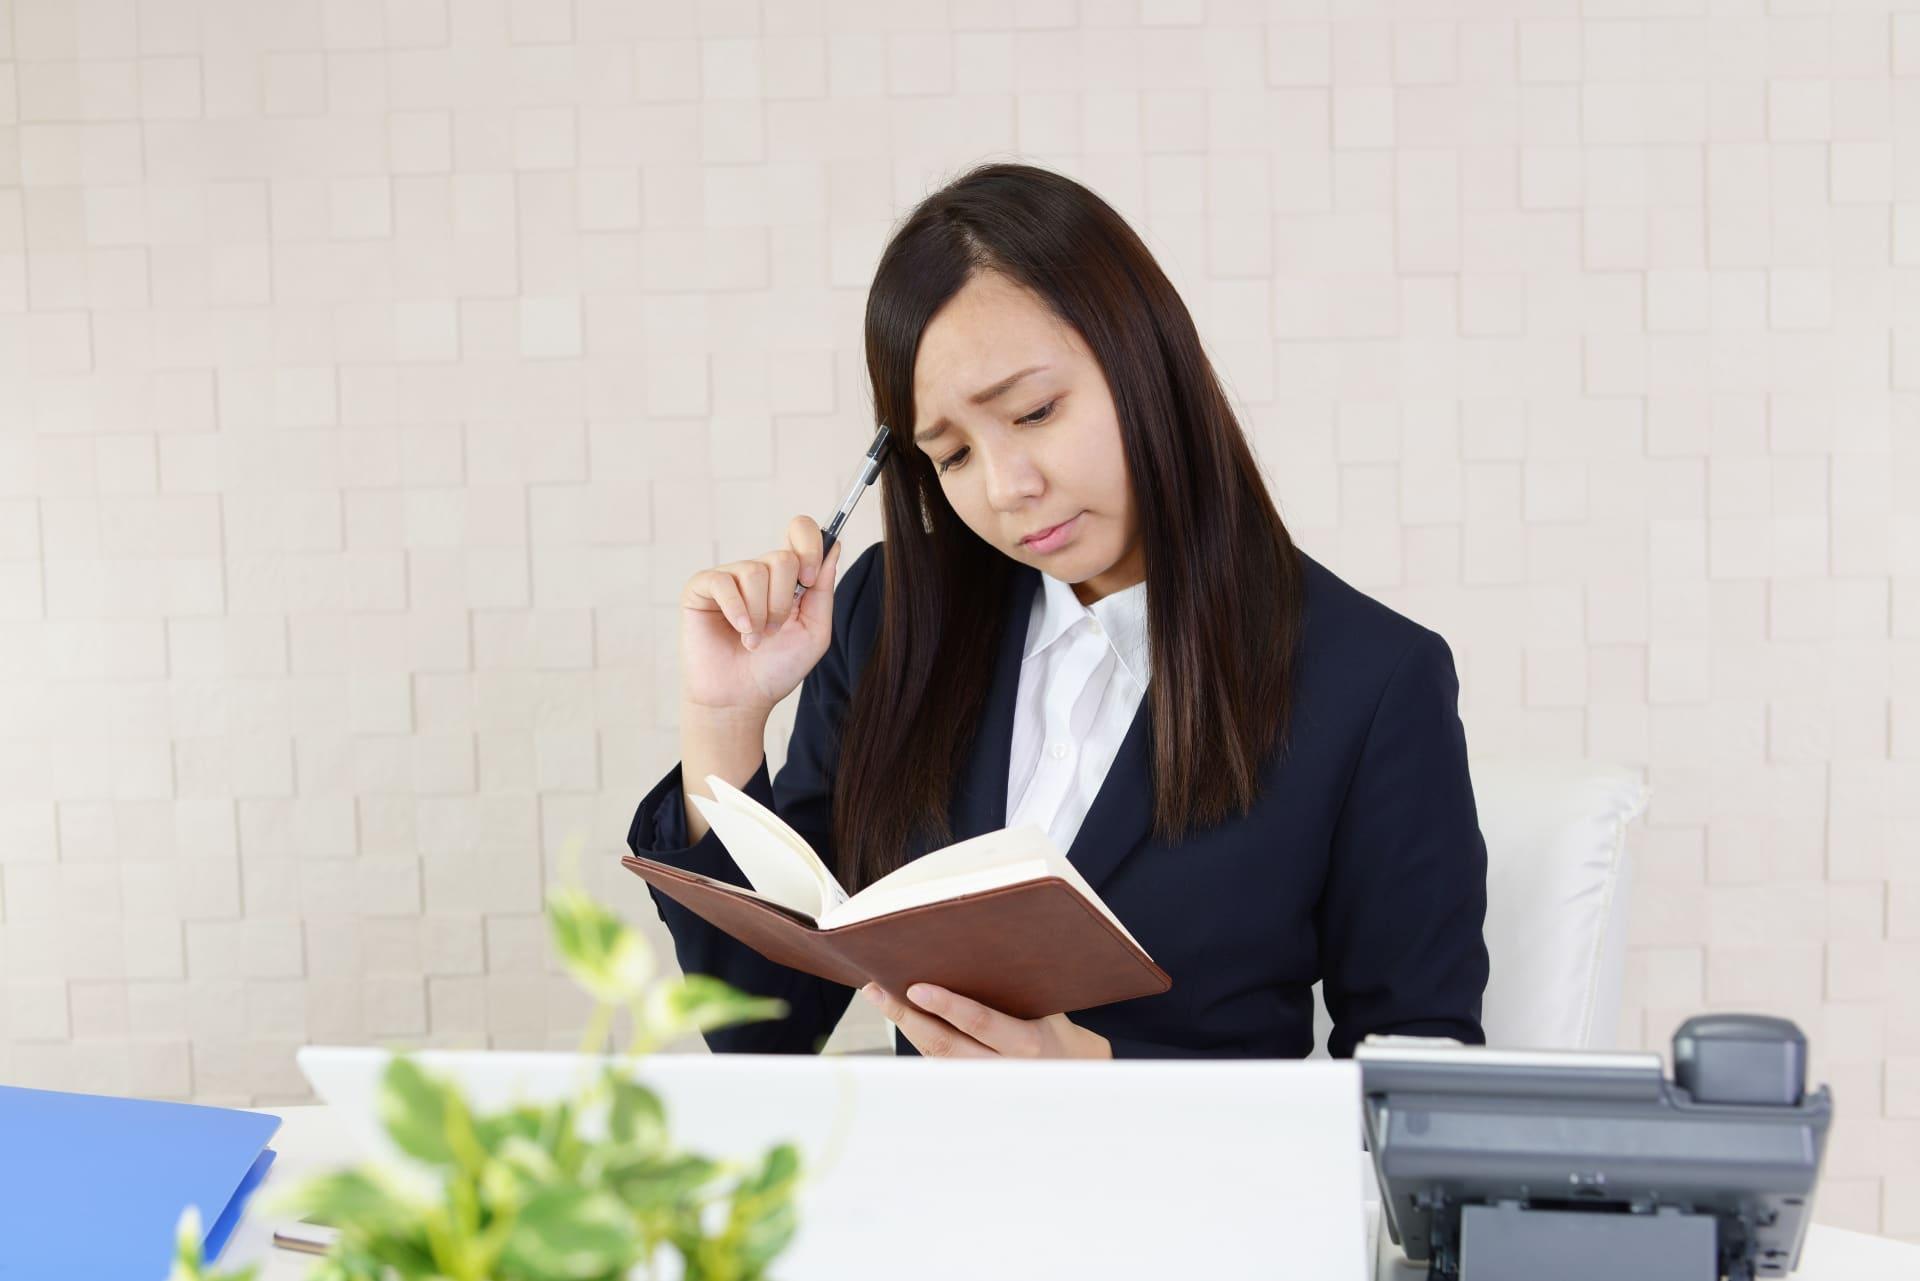 手帳を見て悩む女性、オフィス